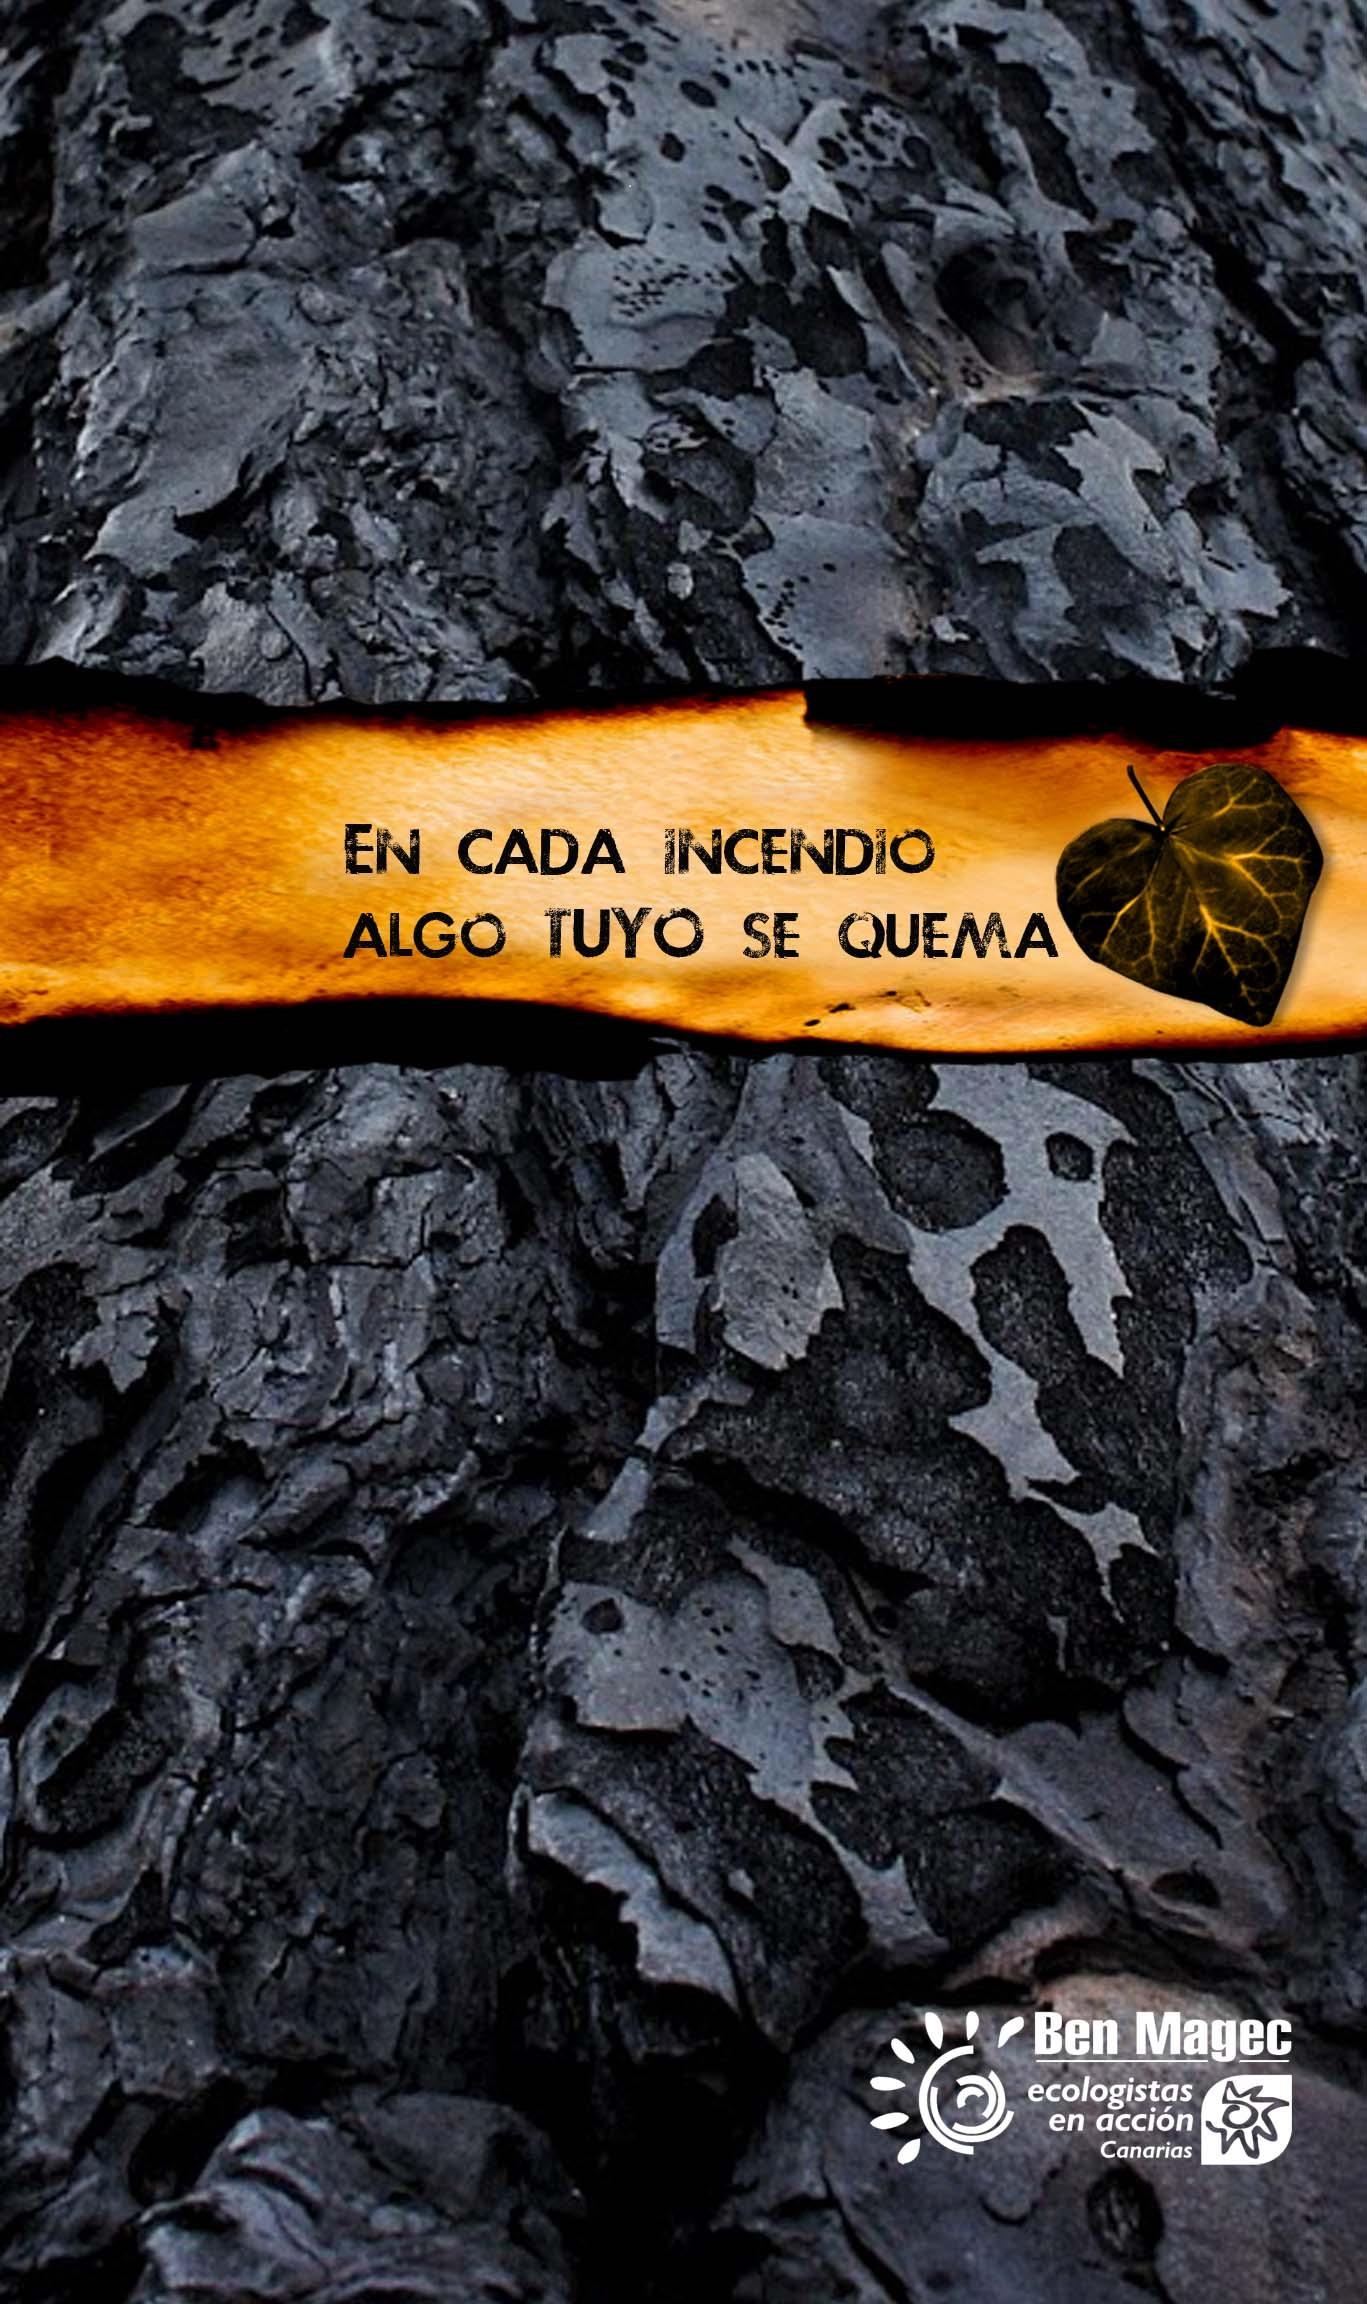 Campaña De Sensibilización Sobre Los Incendios Forestales En